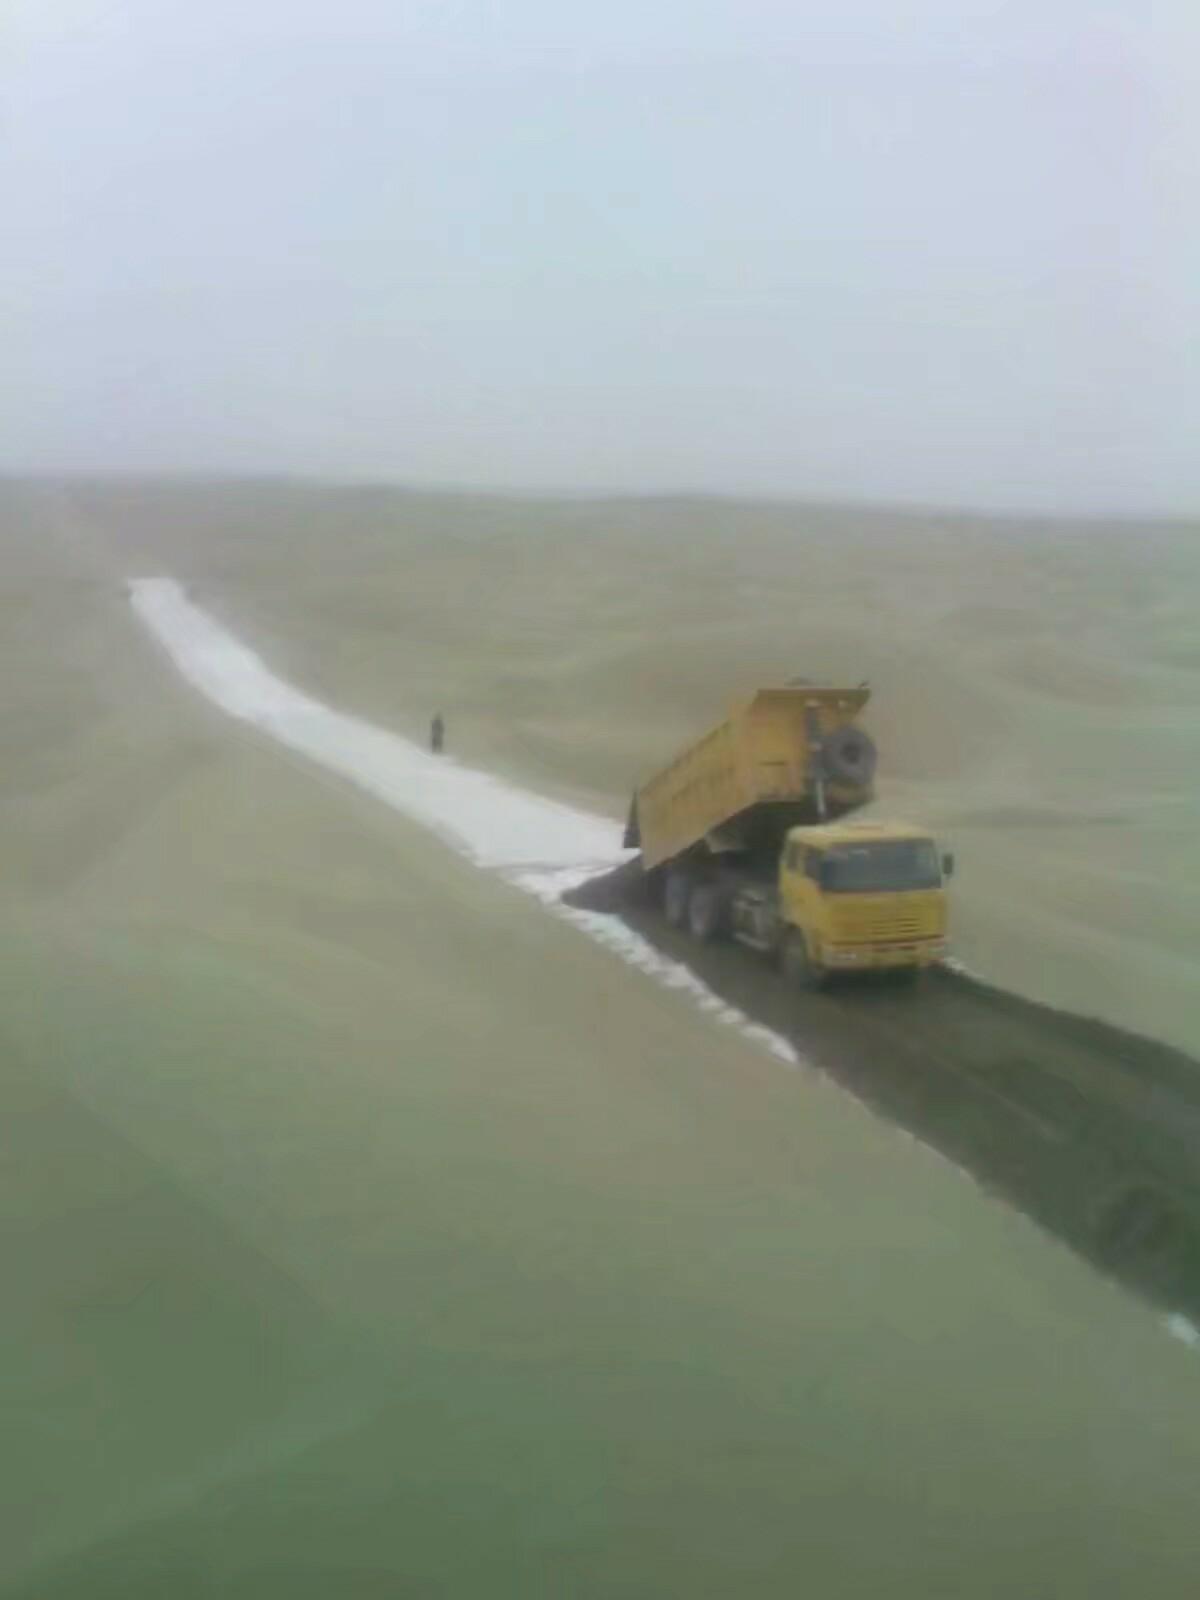 【印象最深的打工经历】塔克拉玛干沙漠修路